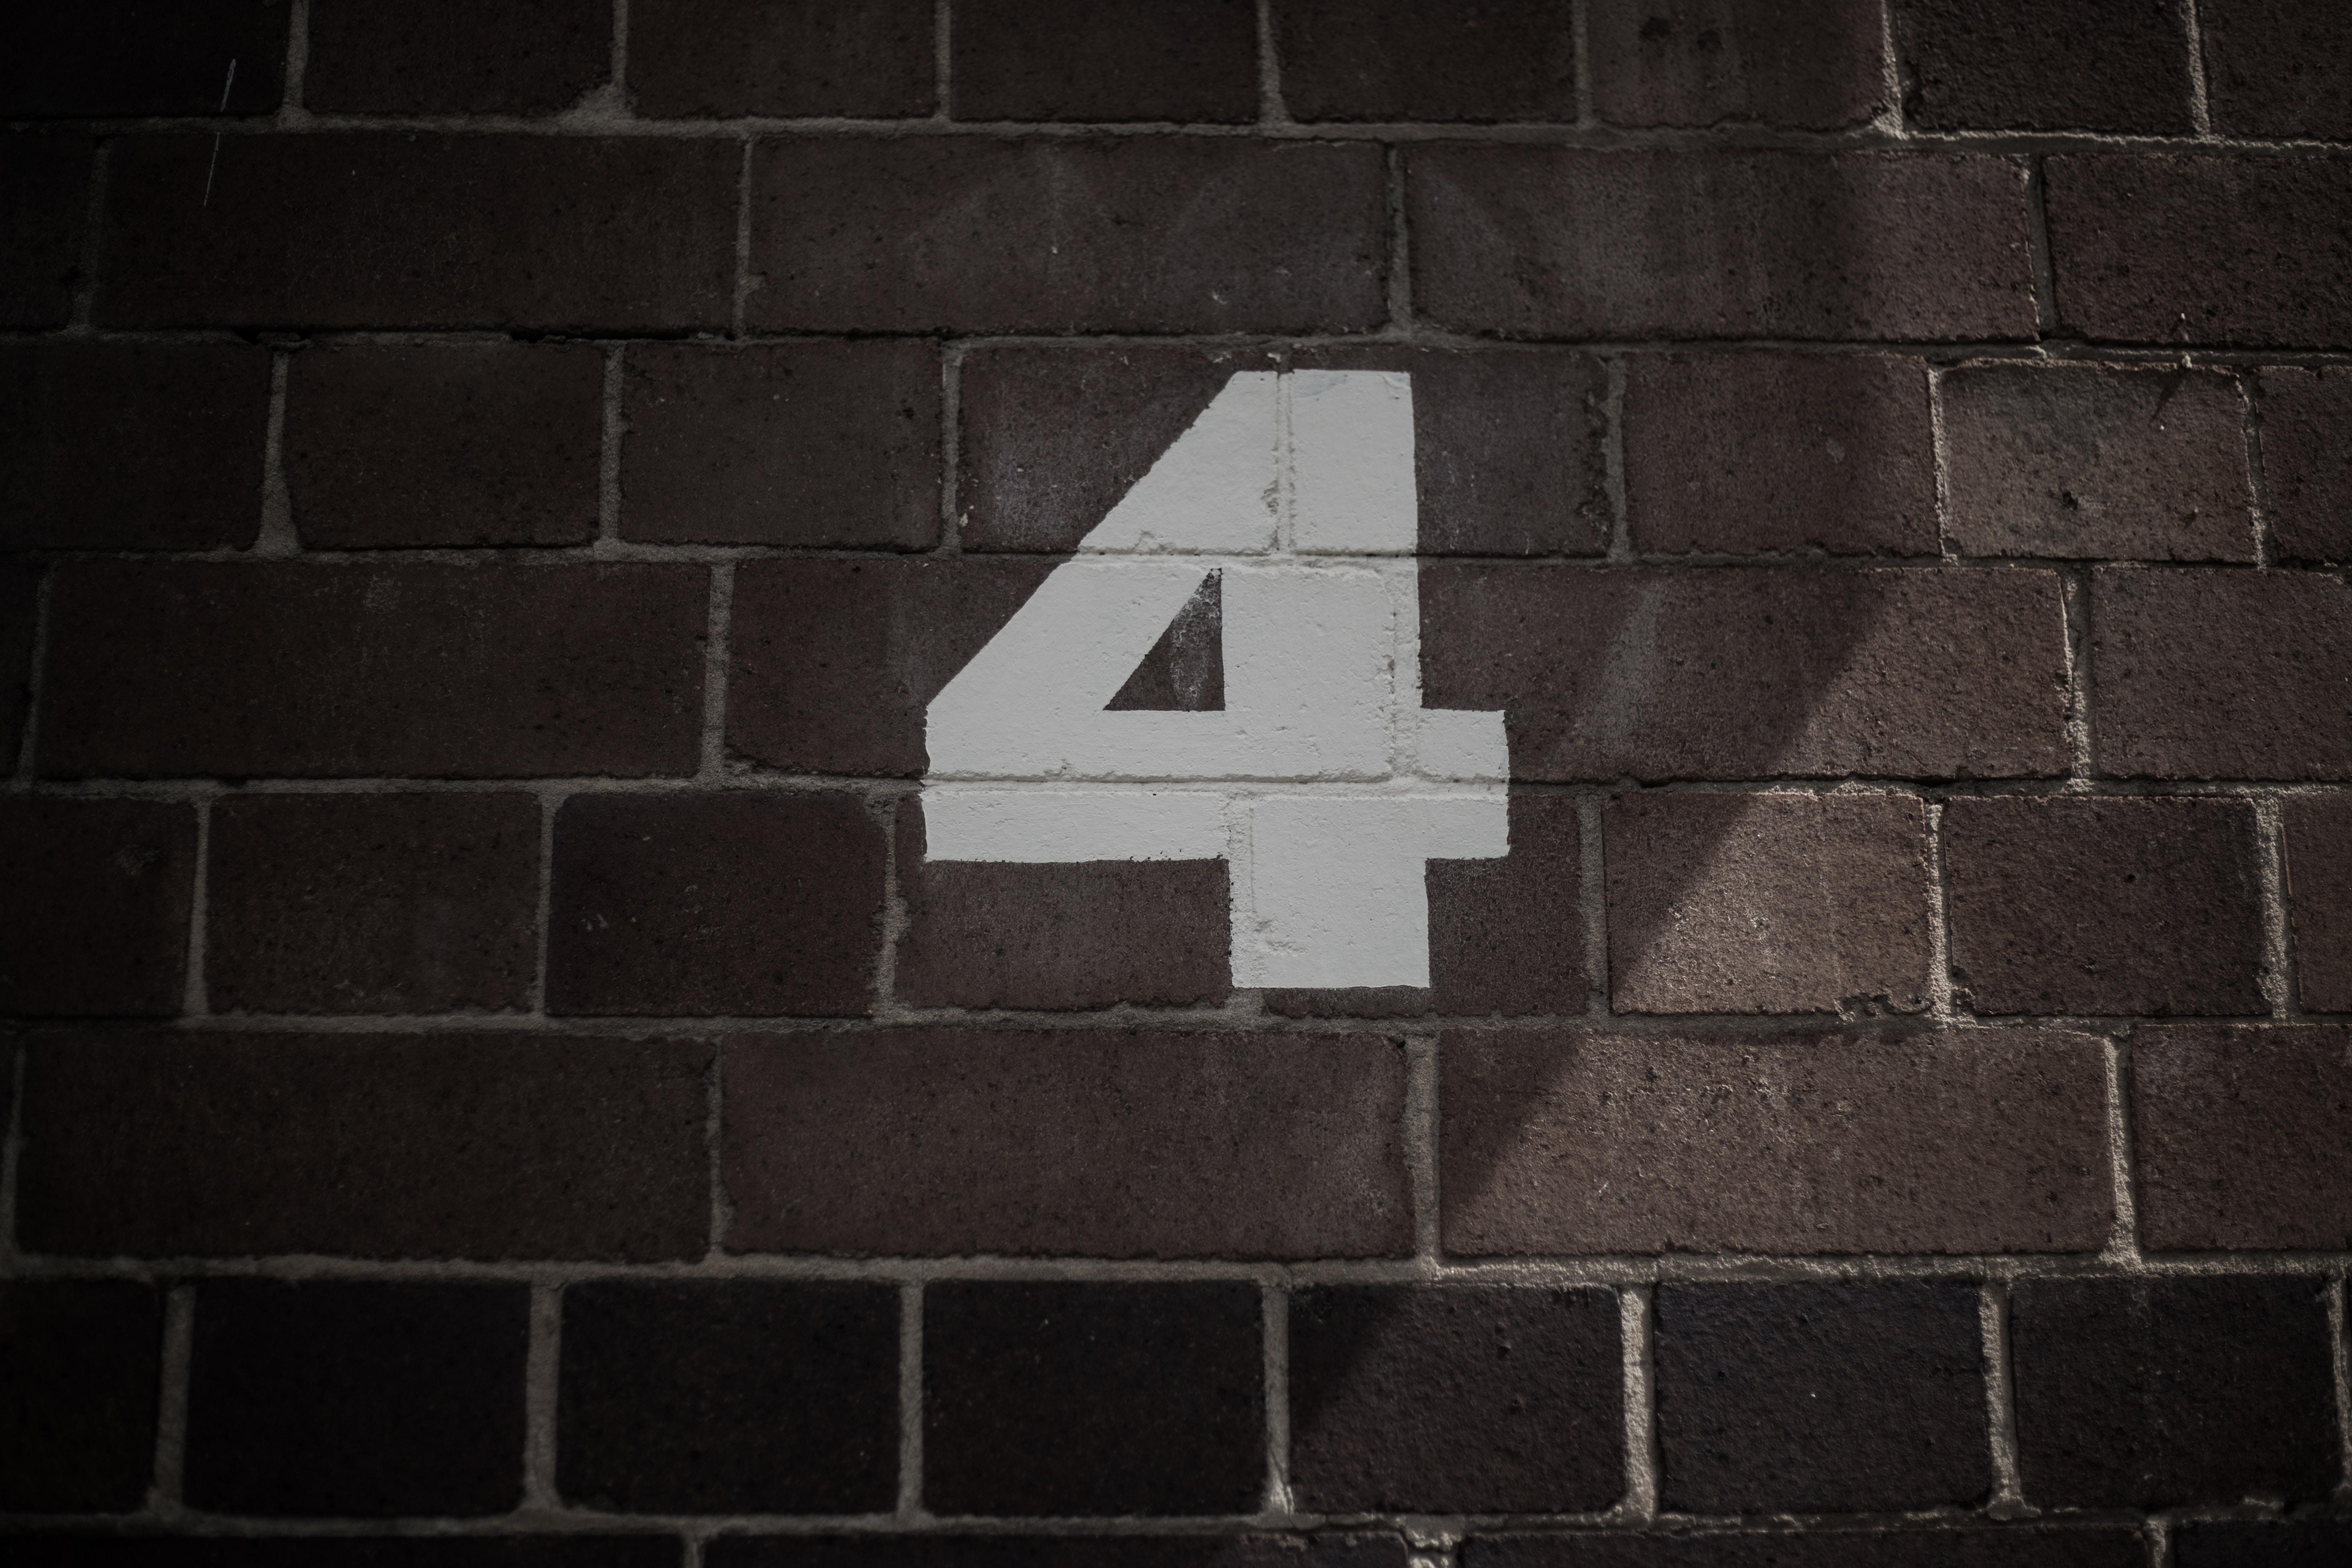 レンガの壁に書かれた4